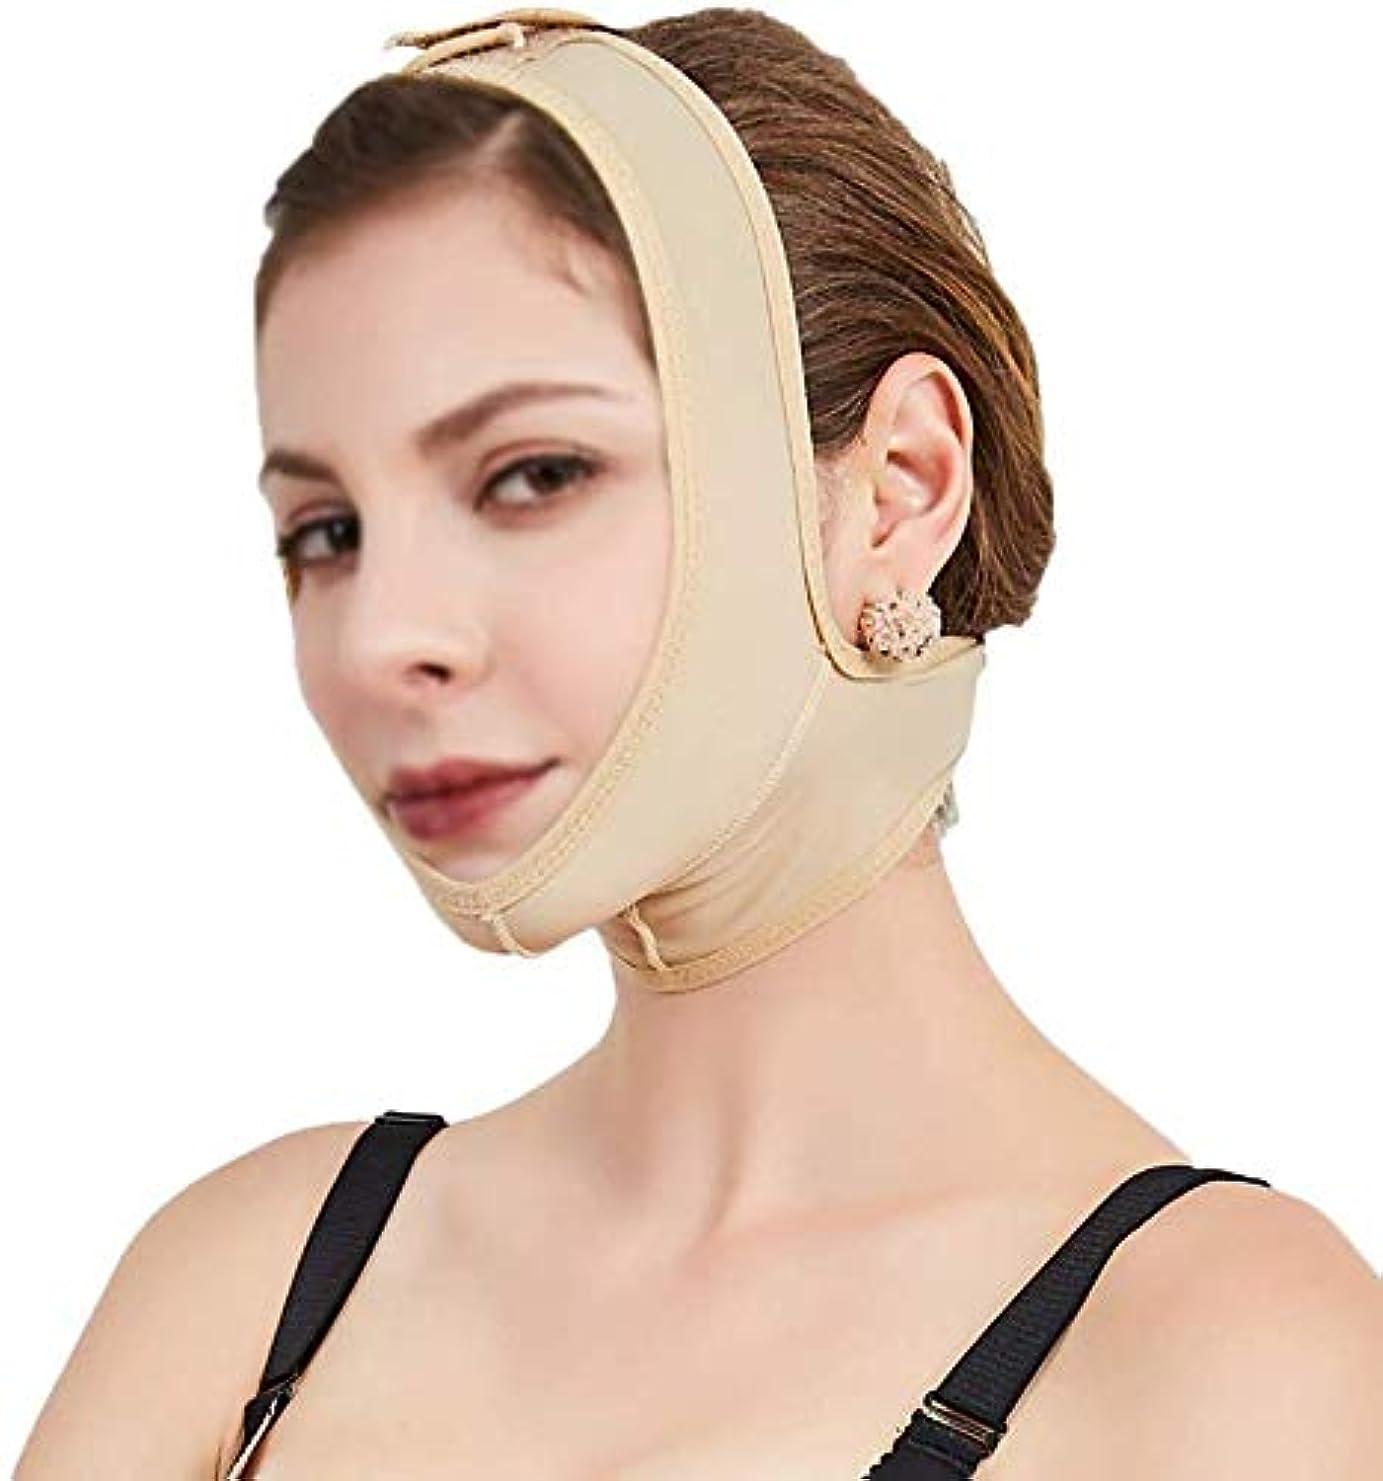 あざハントつなぐ美しさと実用的な顔と首のリフトポストエラスティックスリーブ下顎骨セット顔アーティファクトV顔顔面バンドルダブルチンマスク(サイズ:L)